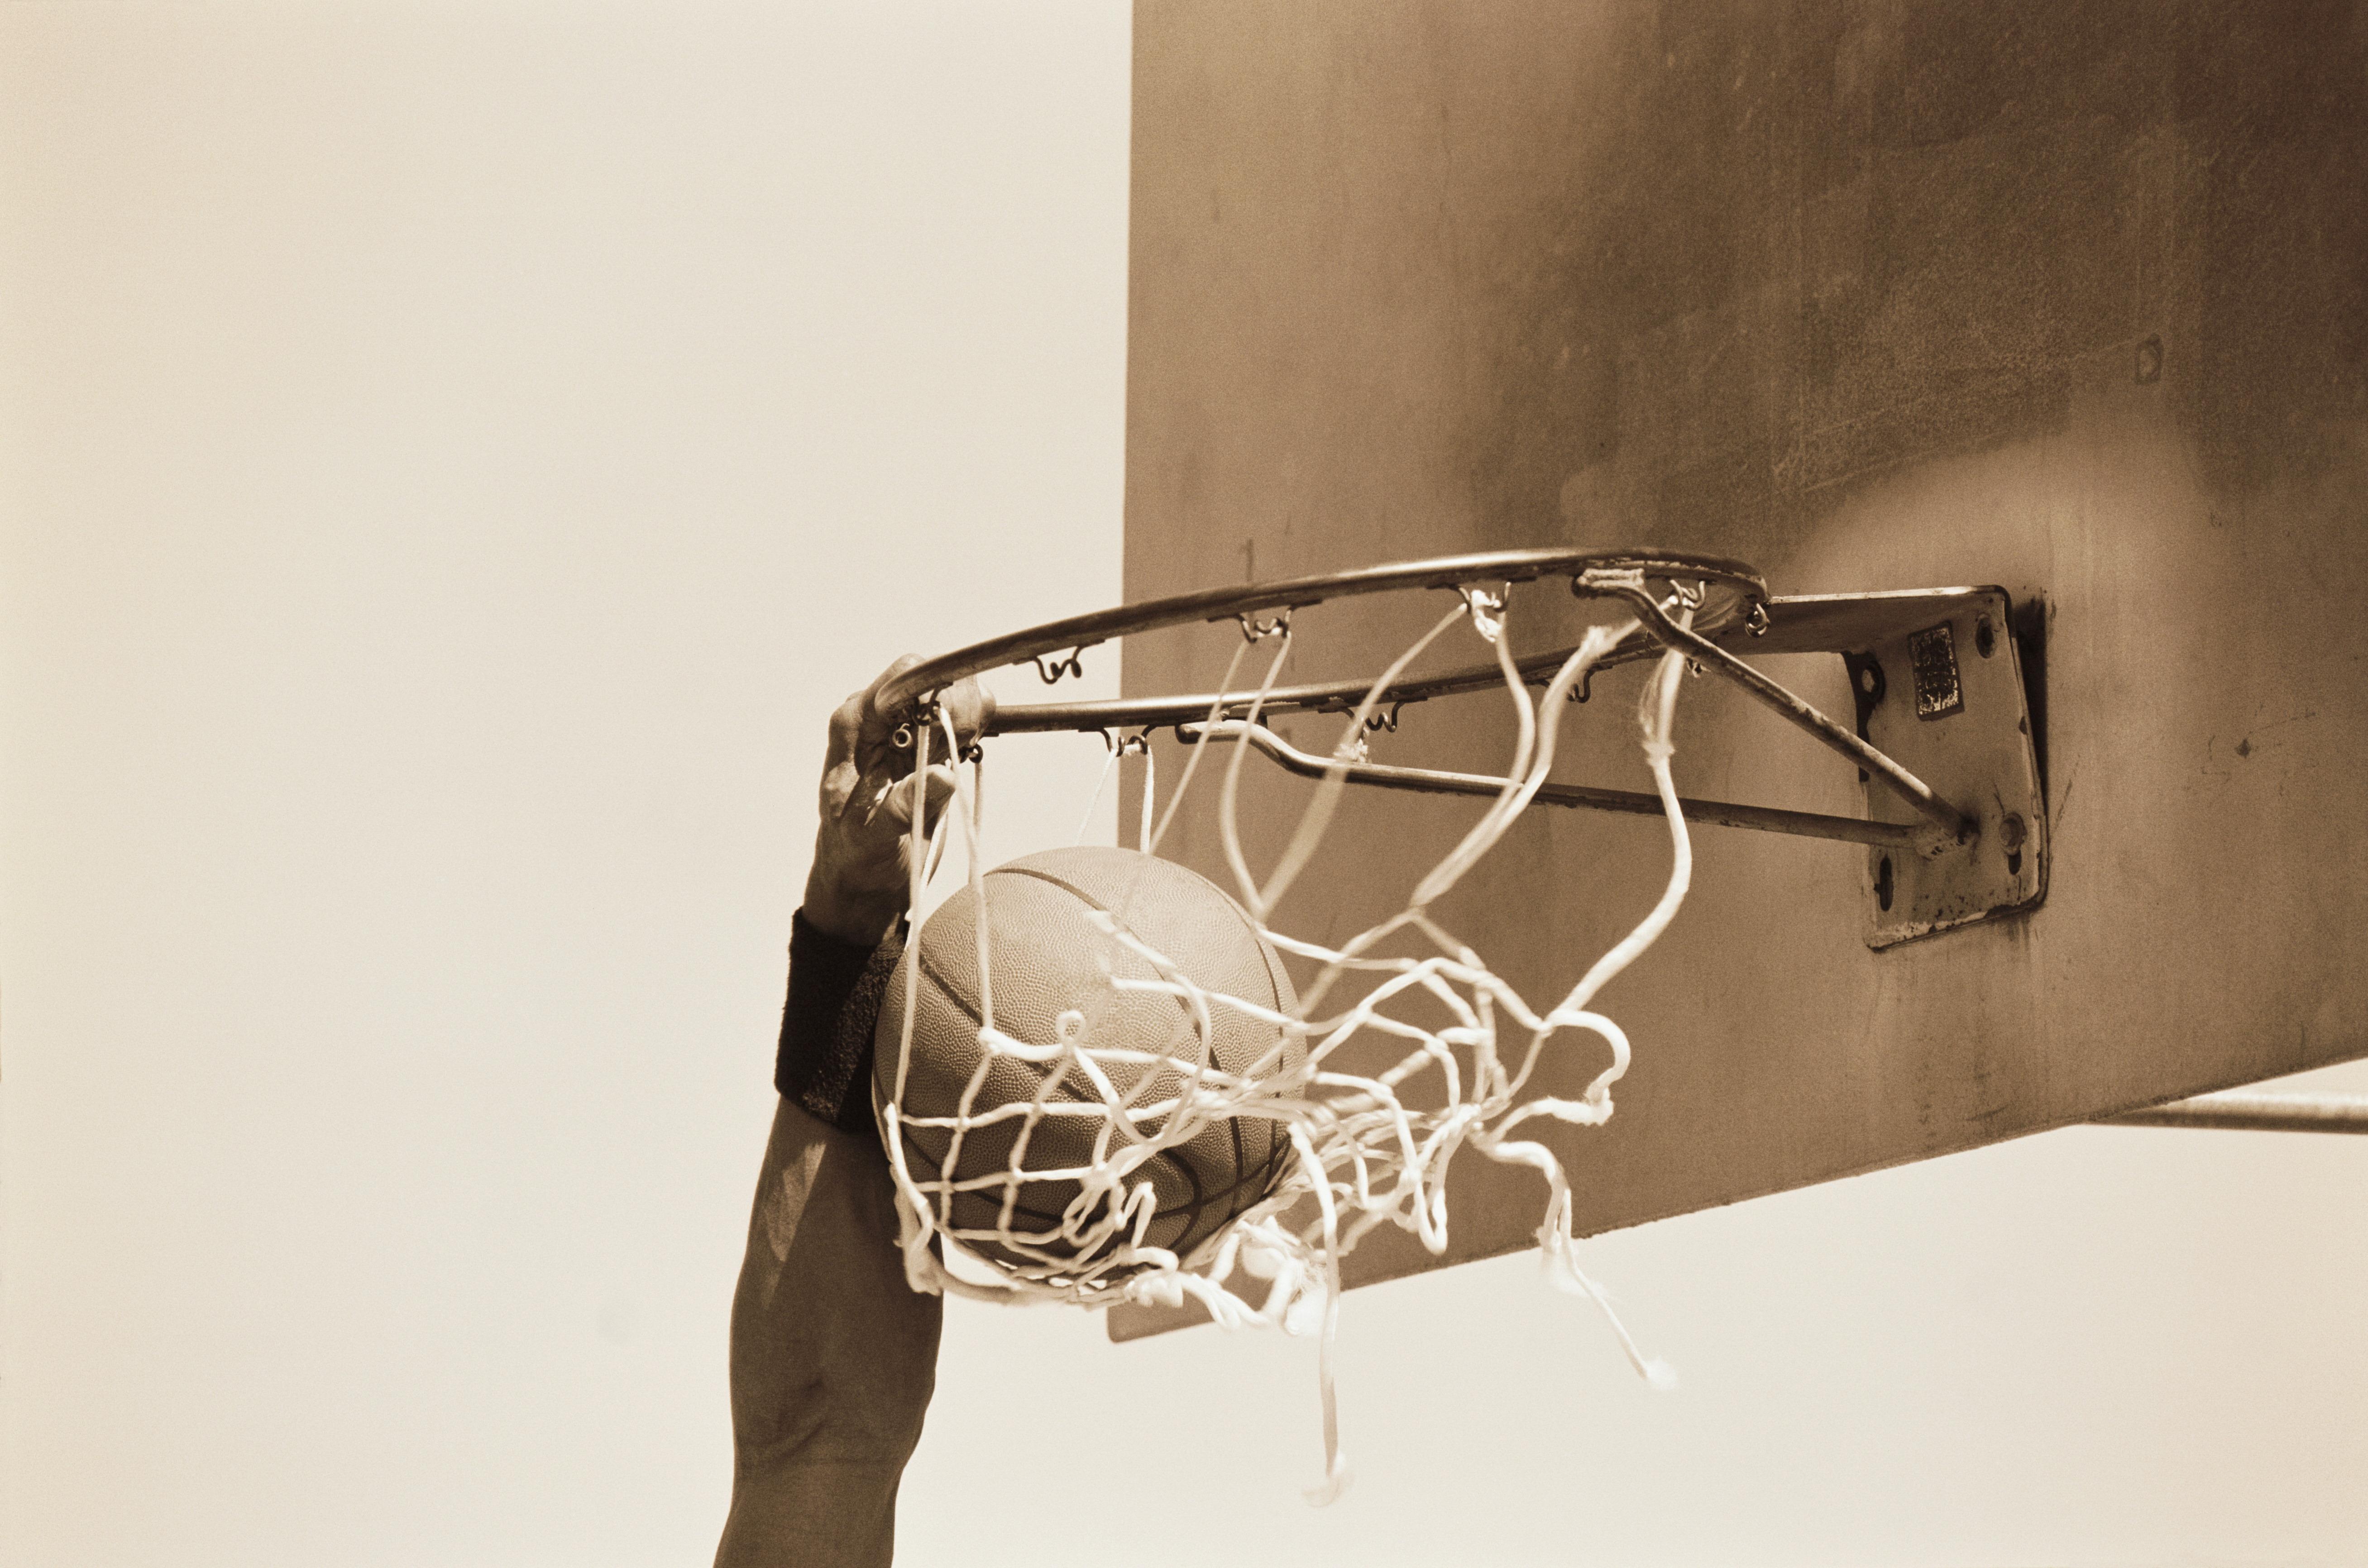 Model Released Basketball